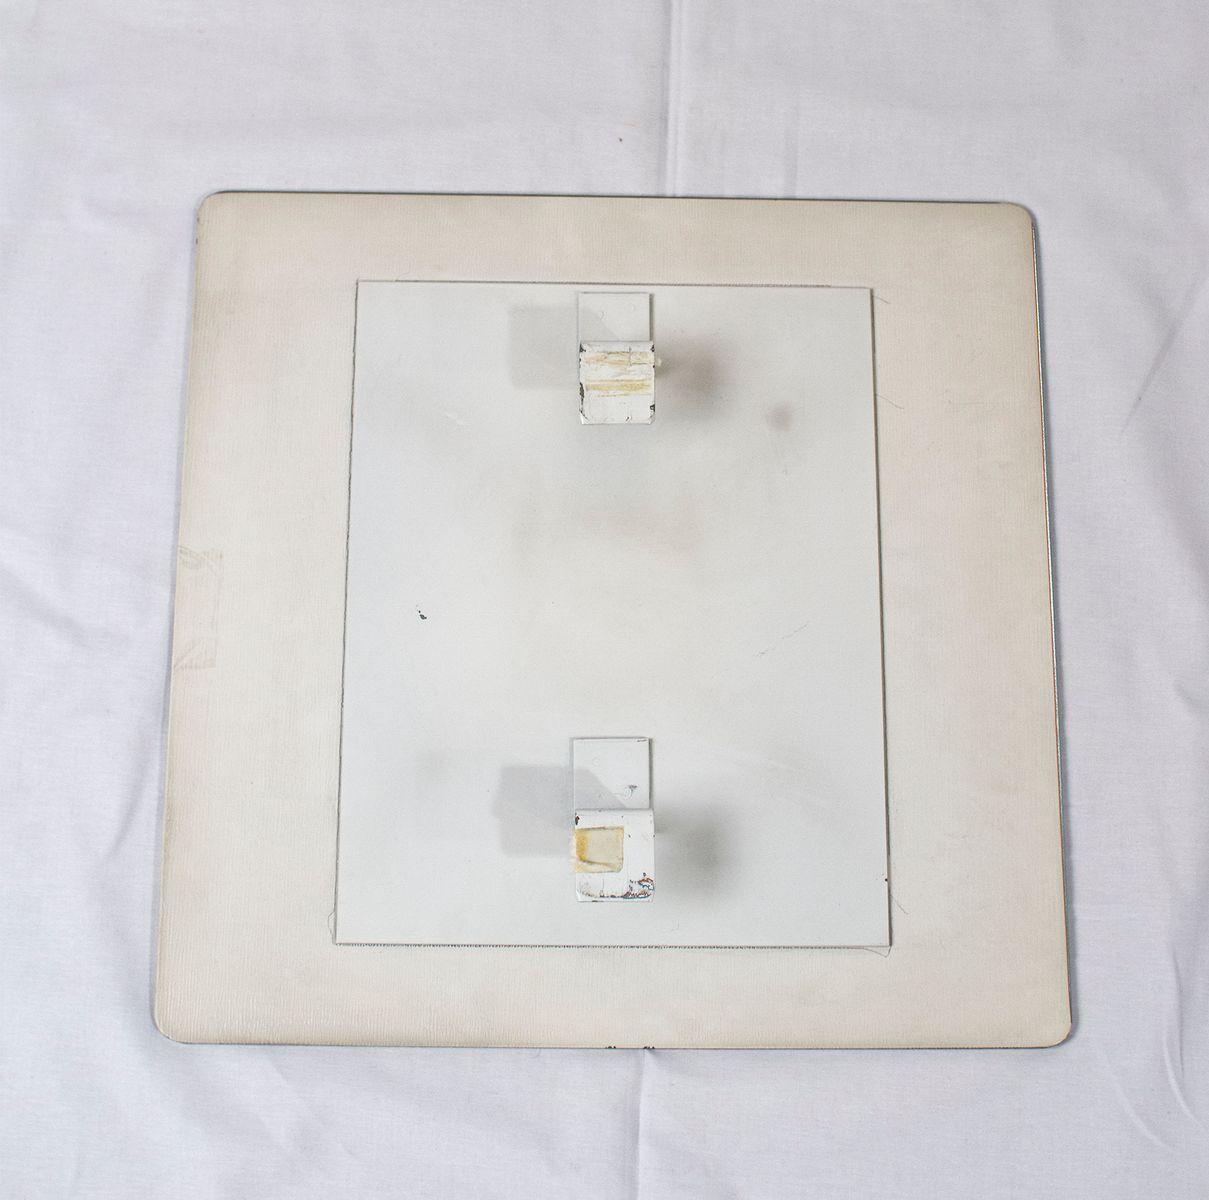 beleuchteter vintage spiegel aus chrom und rauchplexiglas. Black Bedroom Furniture Sets. Home Design Ideas